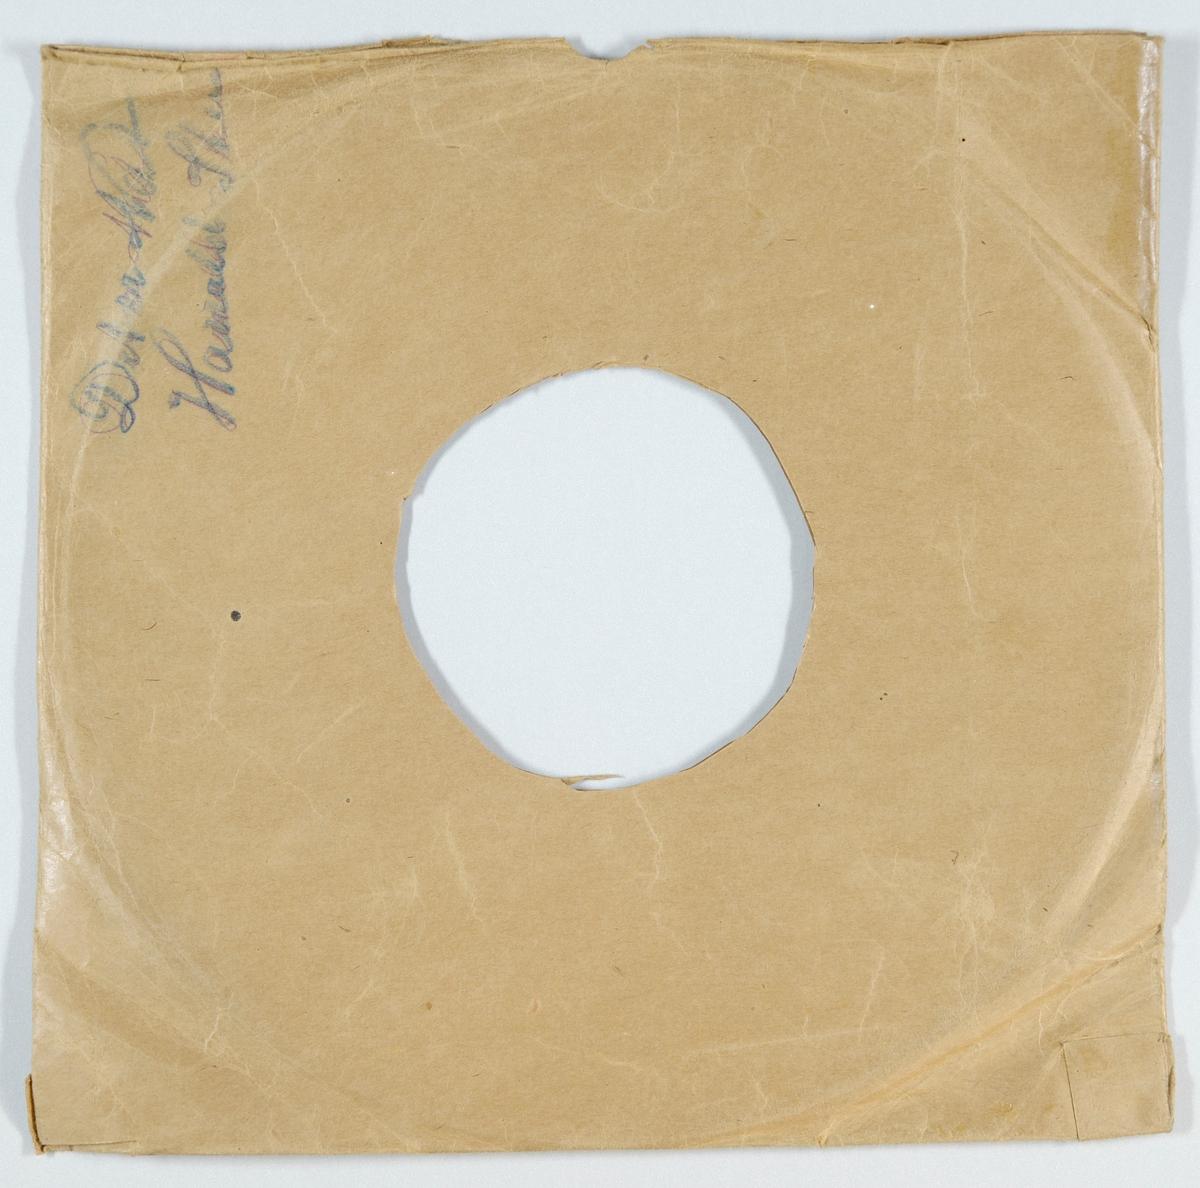 """54281.01: Svart grammofonplate laget av bakelitt og skjellak. Etiketten er mørk lilla med skrift i gull, for tekst se """"Påført tekst/merker"""". På etiketten er det tegning av kuppelen på Odeon. På A-siden er det et lite hvitt og blått klistremerke på etiketten, det er antagelig prisen.  54281.02: Plateomslaget til platen er laget av brunt papir som er limt. Det er sekundær påskrift på den ene siden, for tekst se """"Påført tekst/merker""""."""